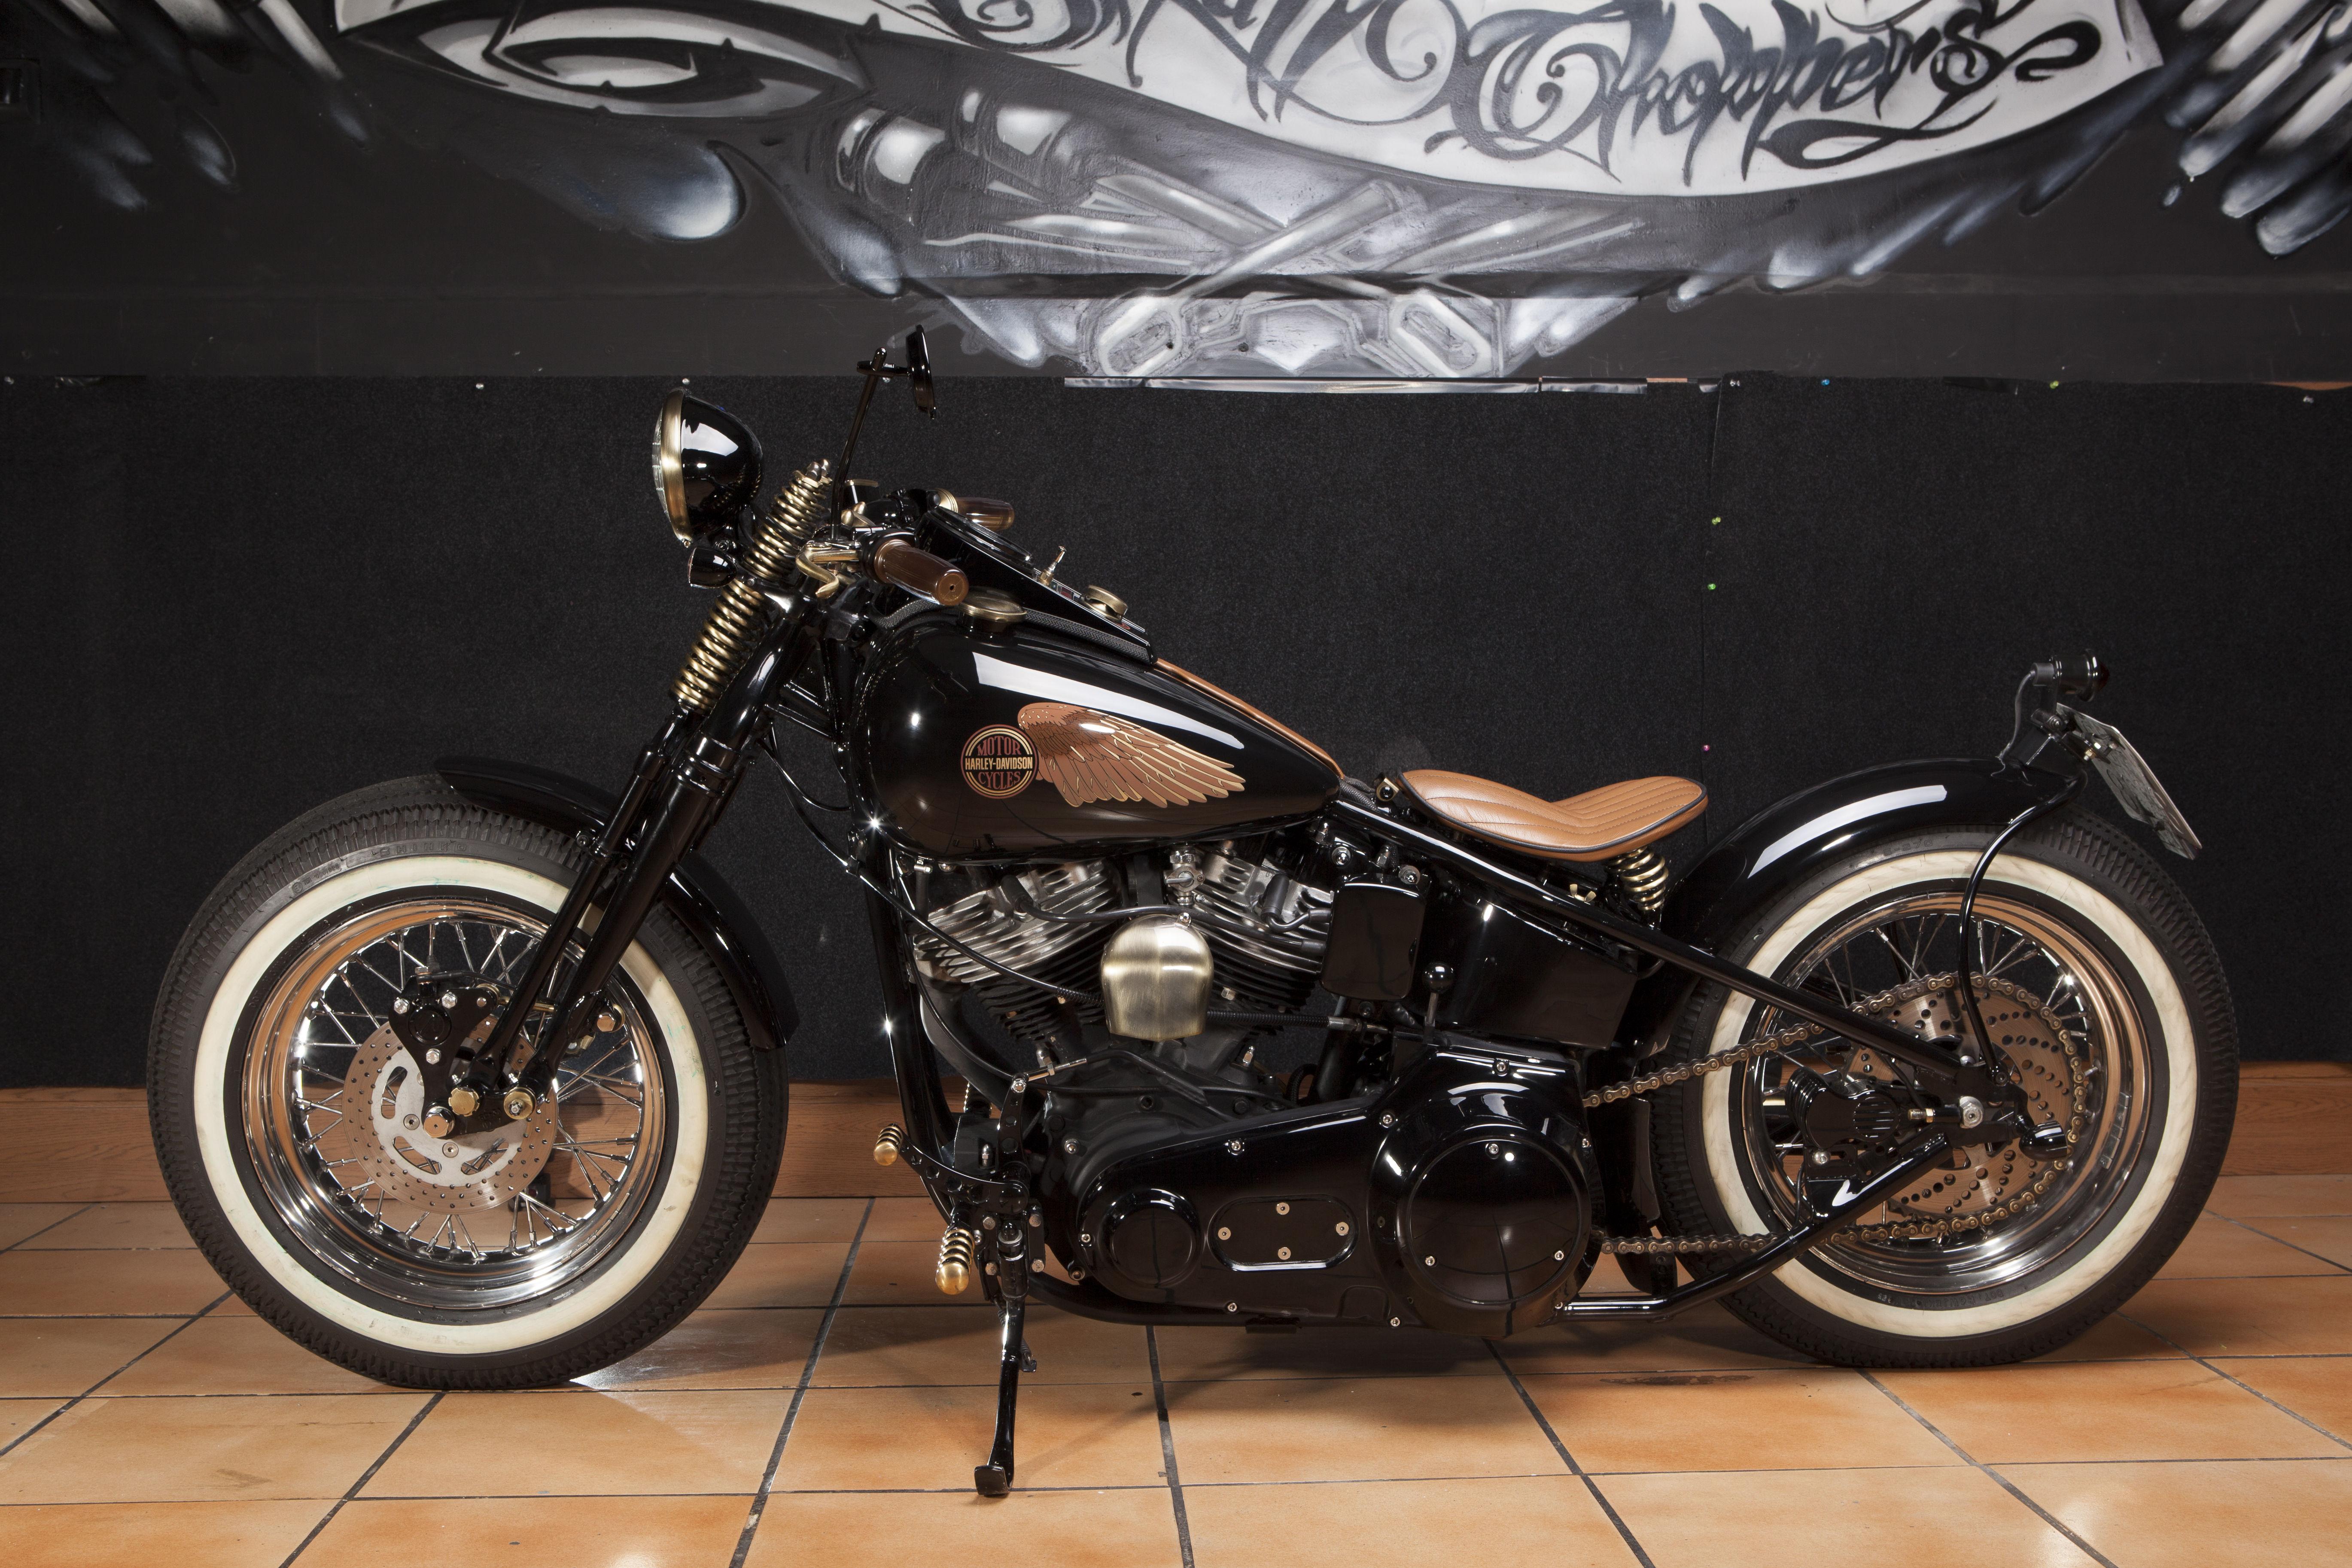 restauracion de motos antiguas,transformacion Harley Davidson,transformacion motos custom,transformacion de motos clasicas,shovelhead,moto bobber,chasis rigido,old schoold